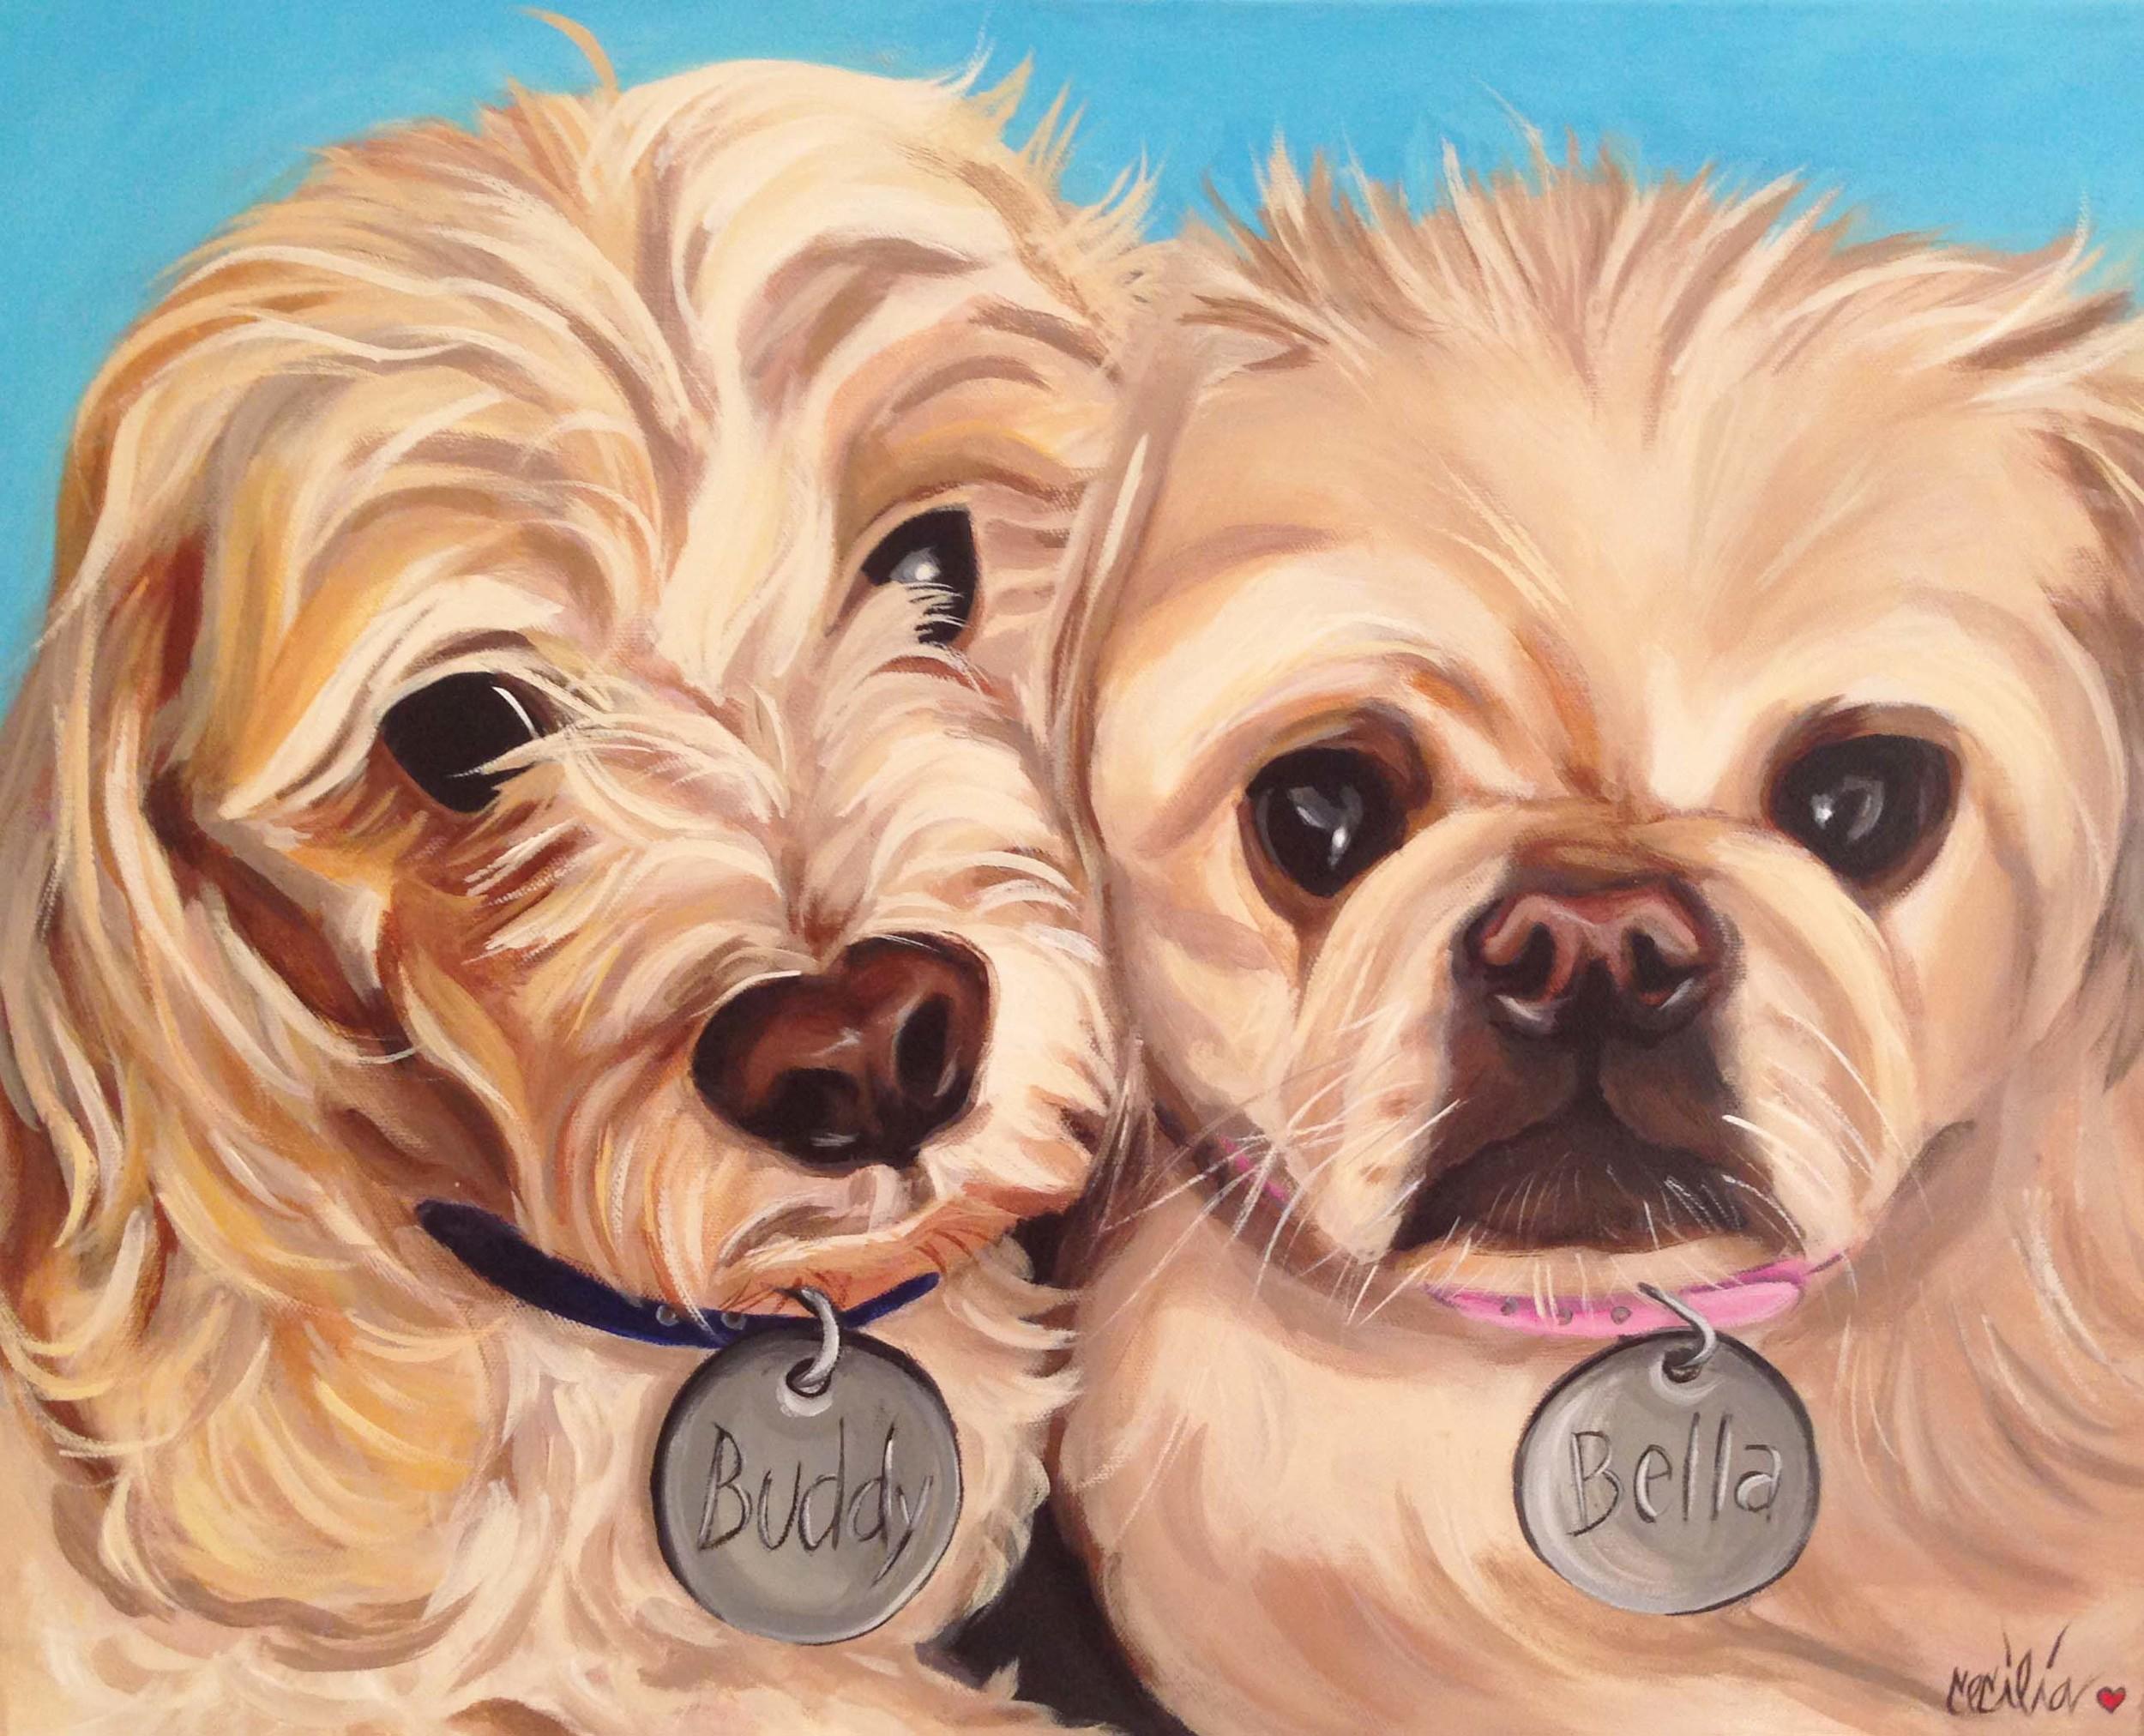 Buddy -cockerspaniel/poodle Bella-pomeranian - 16x20